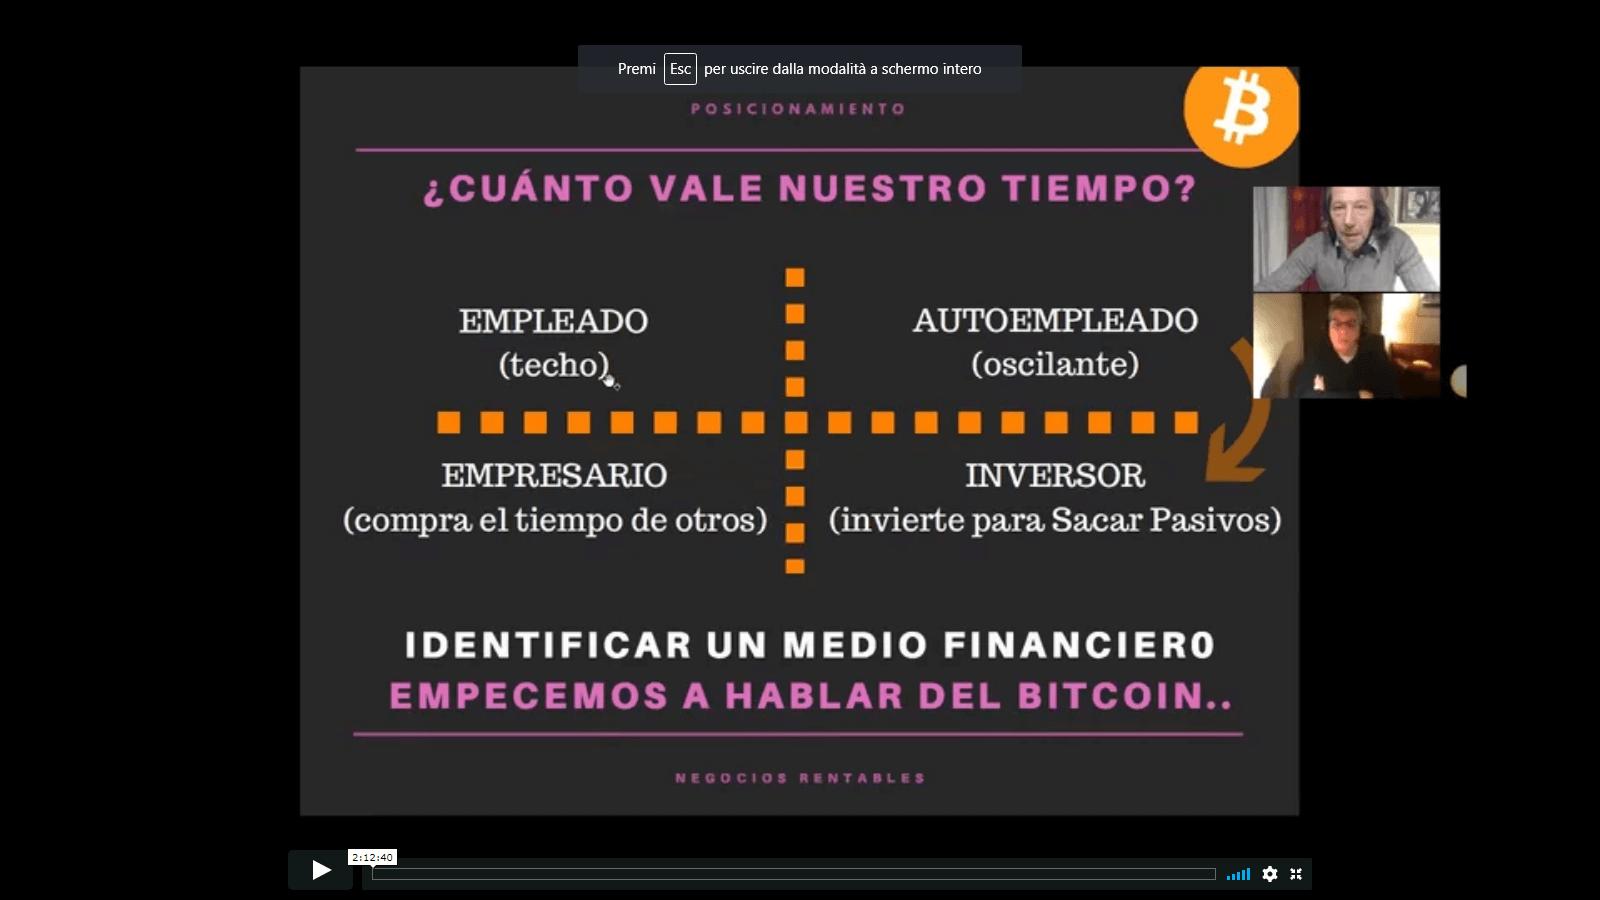 Como Generar Ingresos Pasivos con Bitcoins y Criptomonedas| SOLICITA + Una Entrevista con el Equipo de 0a10.com